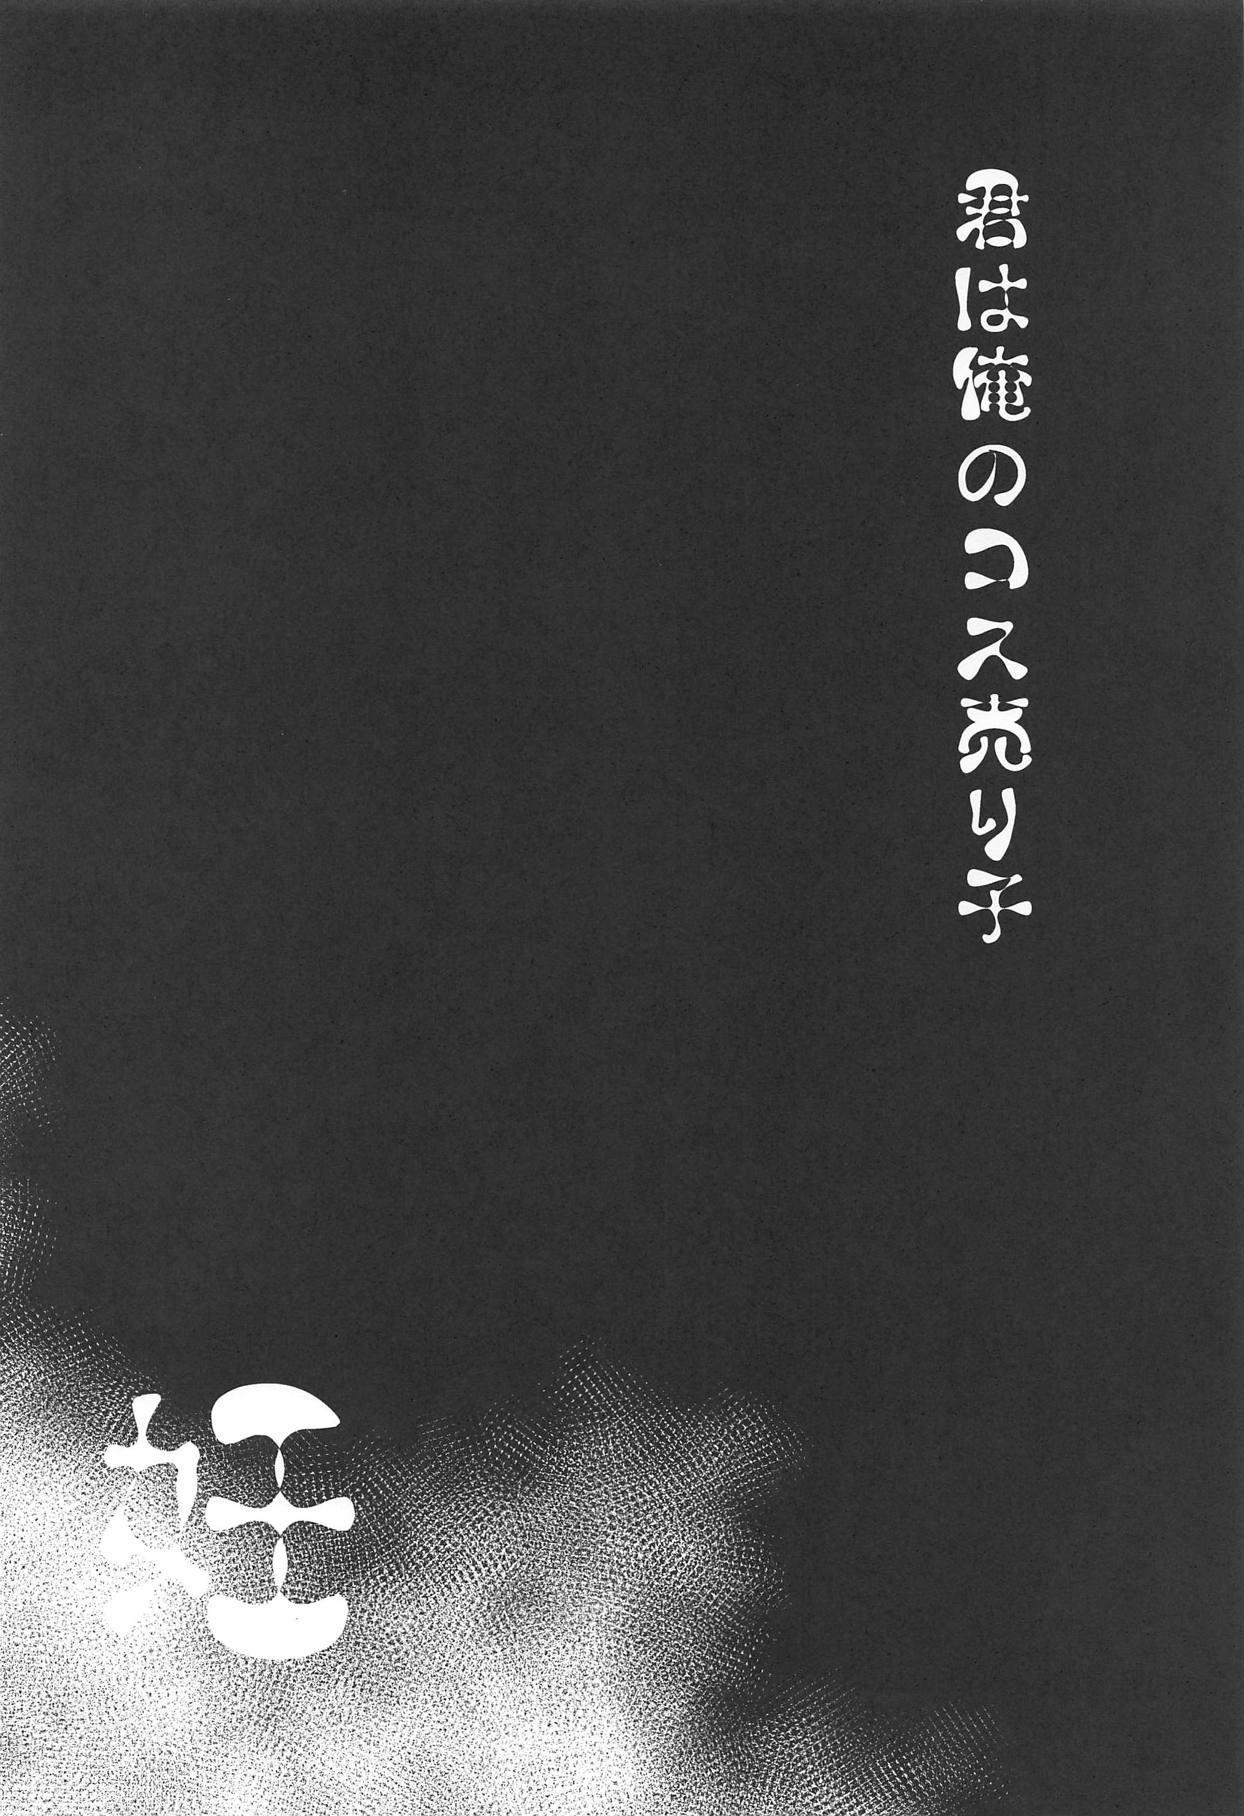 Kimi wa Ore no Cos Uriko Nin 2